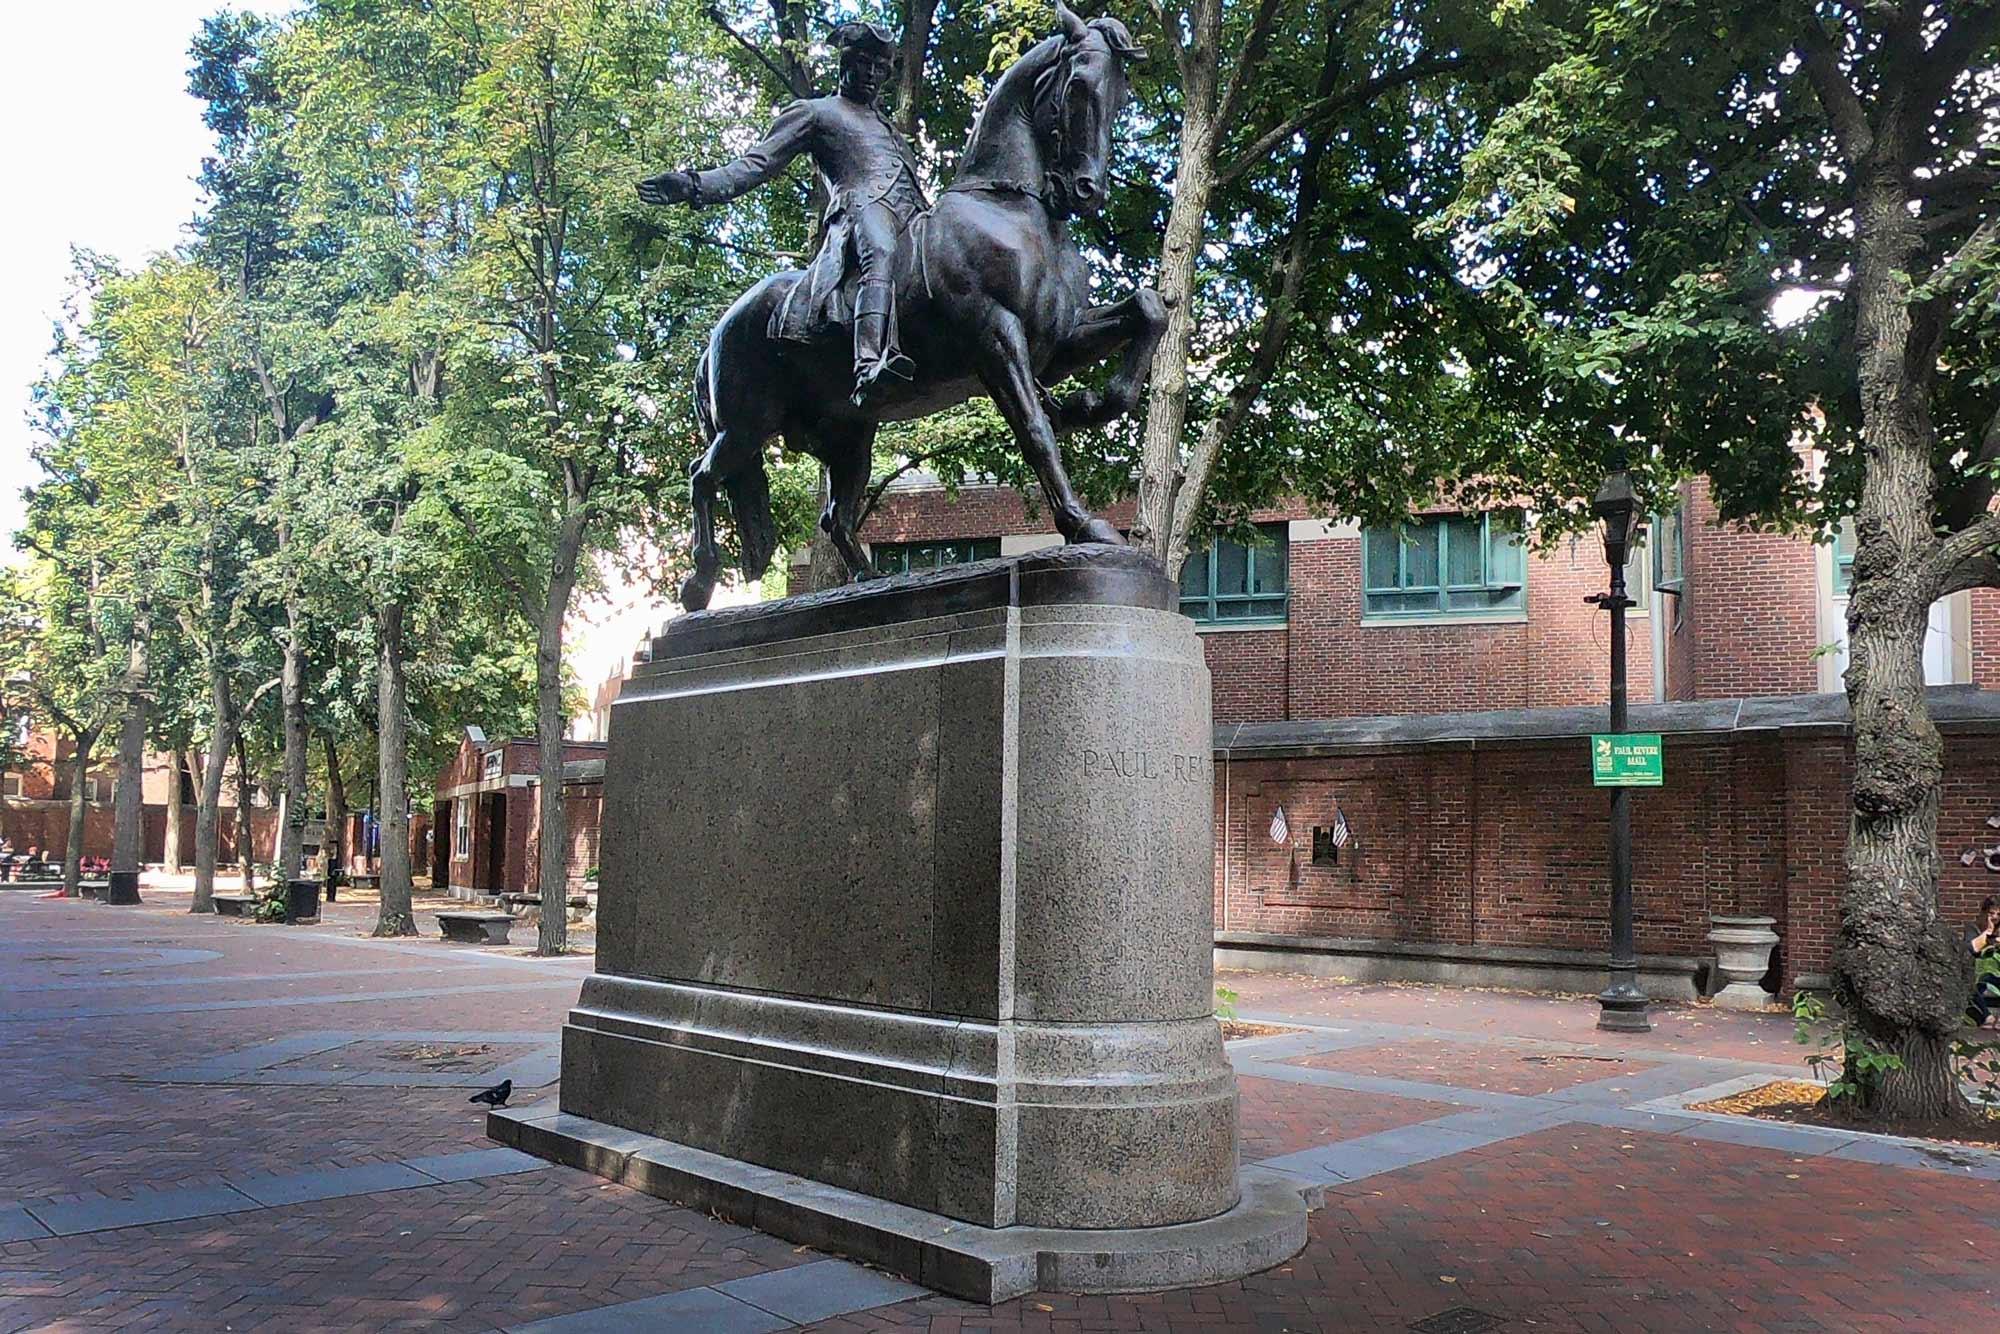 Paul Revere Statue in Paul Revere Mall along Freedom Trail in Boston, Massachusetts